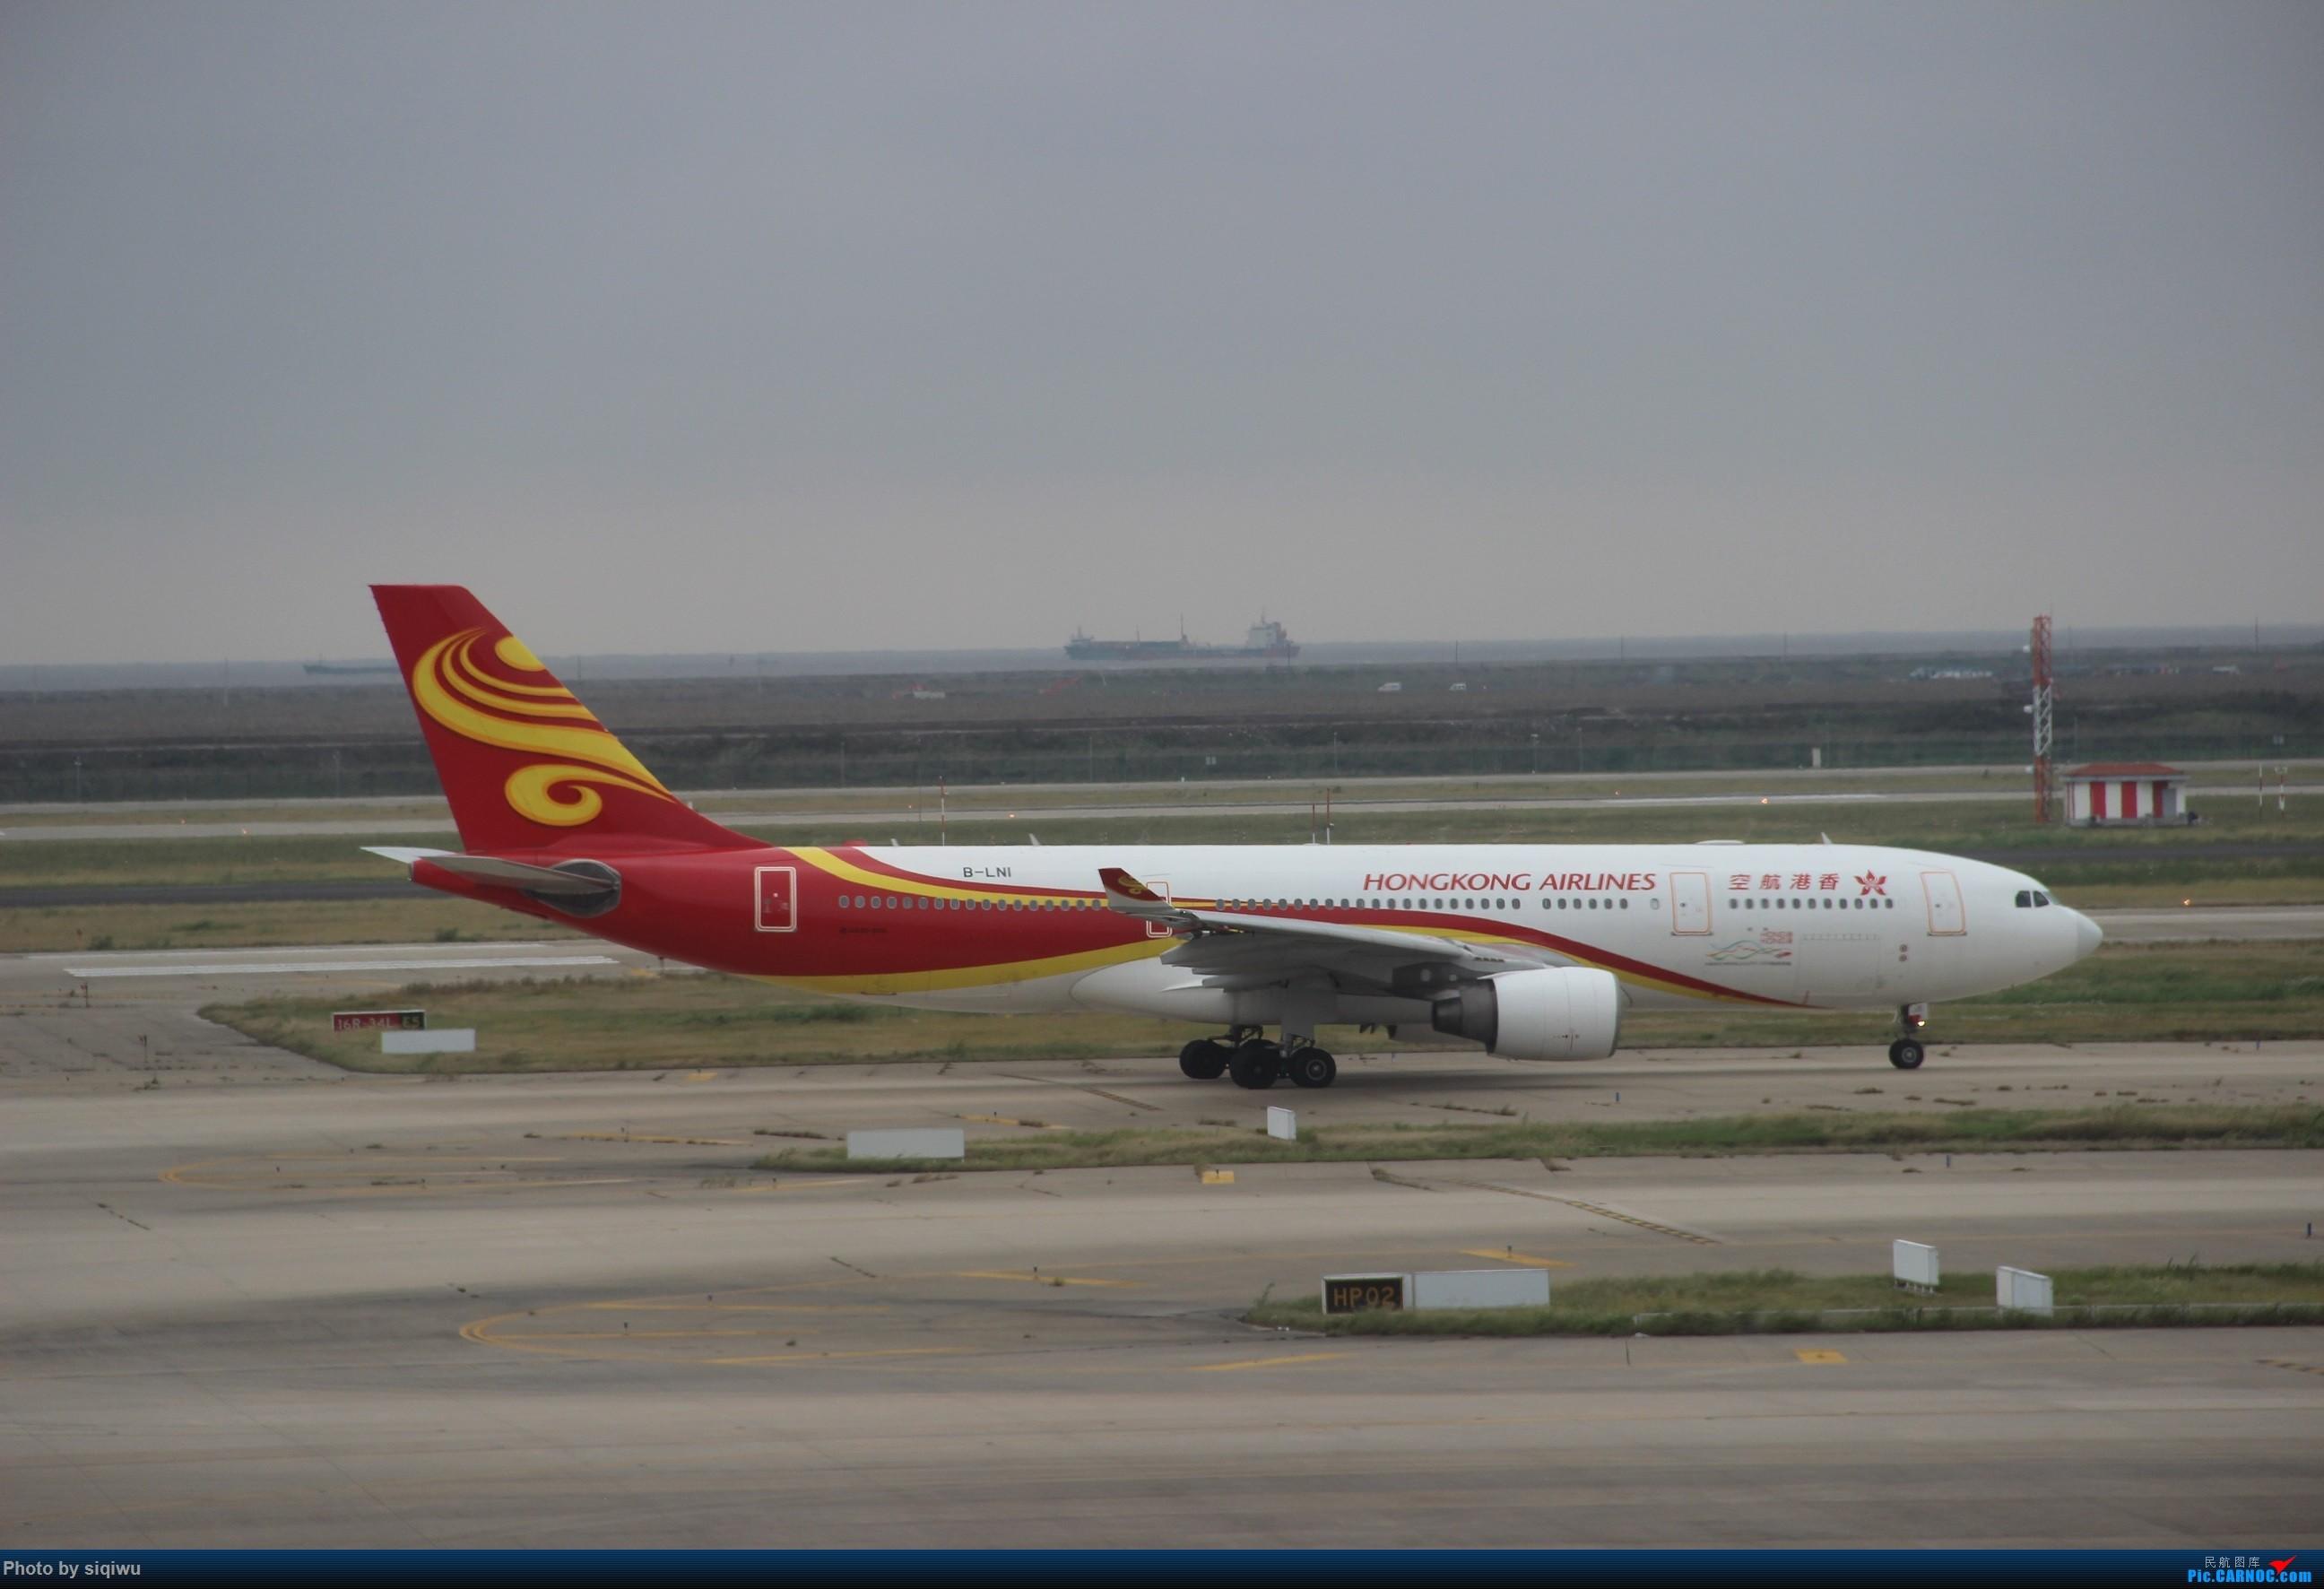 Re:[原创]PVG-HKG-KUL-HKG-PVG 四天往返,CX/KA AIRBUS A320-200  中国上海浦东国际机场